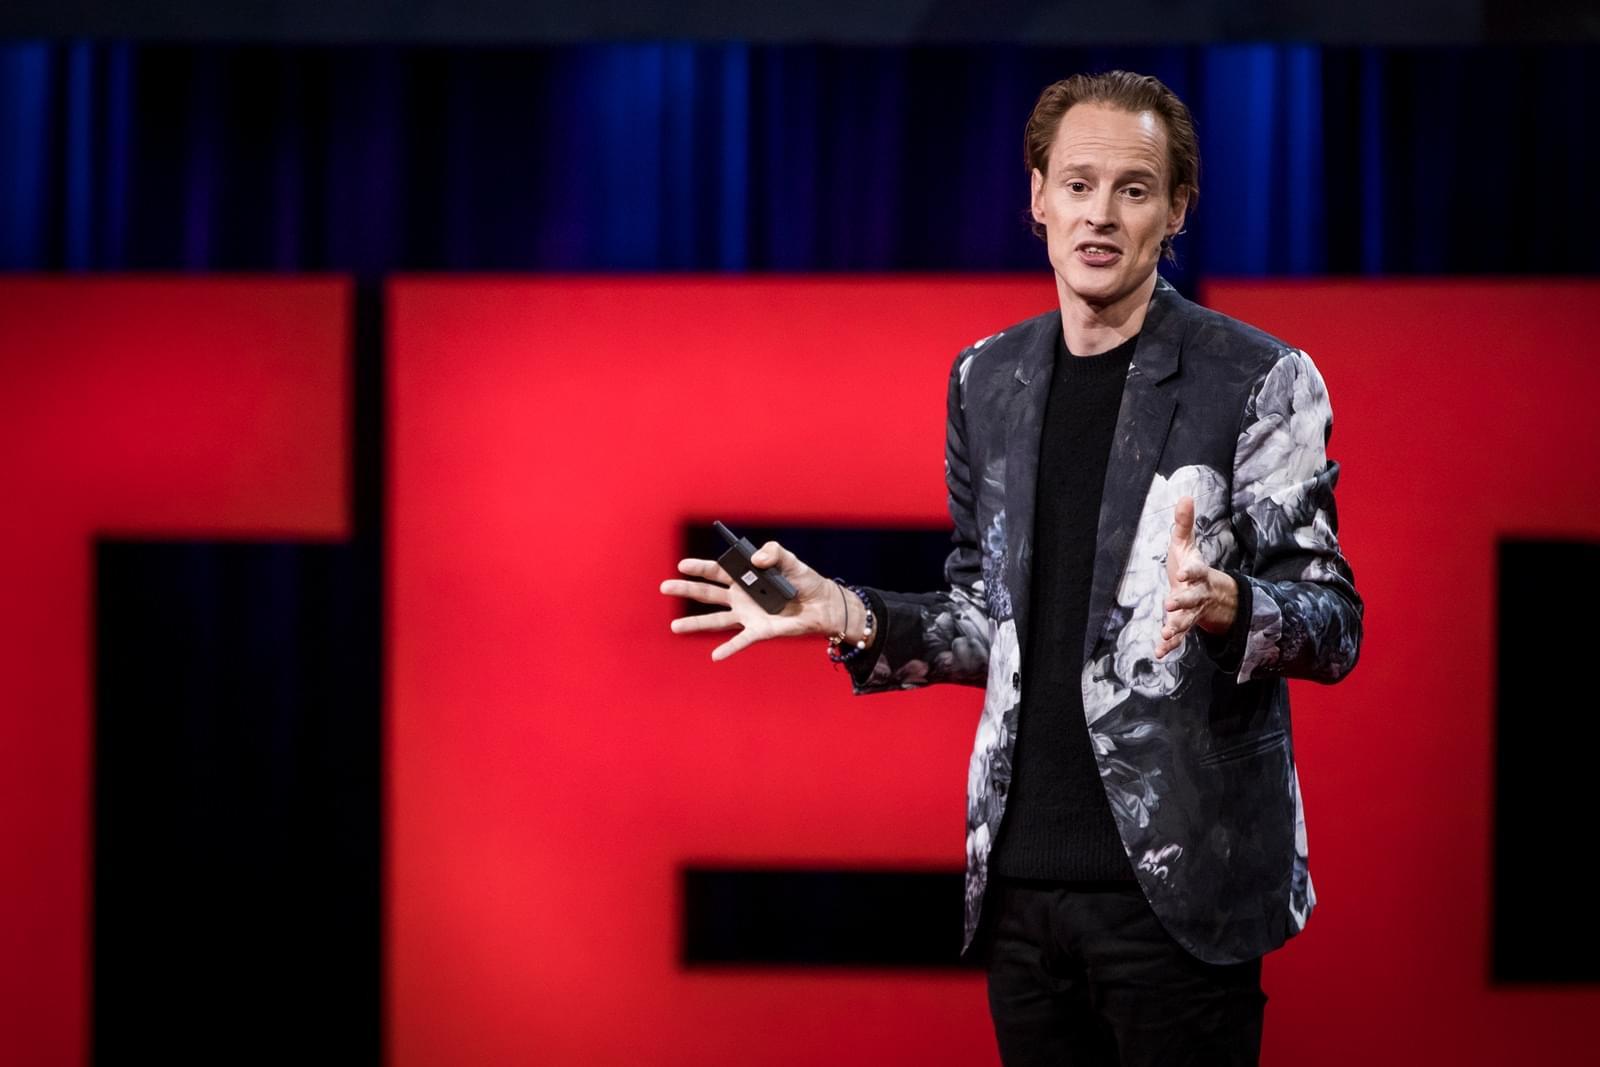 都说TED演讲比别家好,他们都怎么准备的?